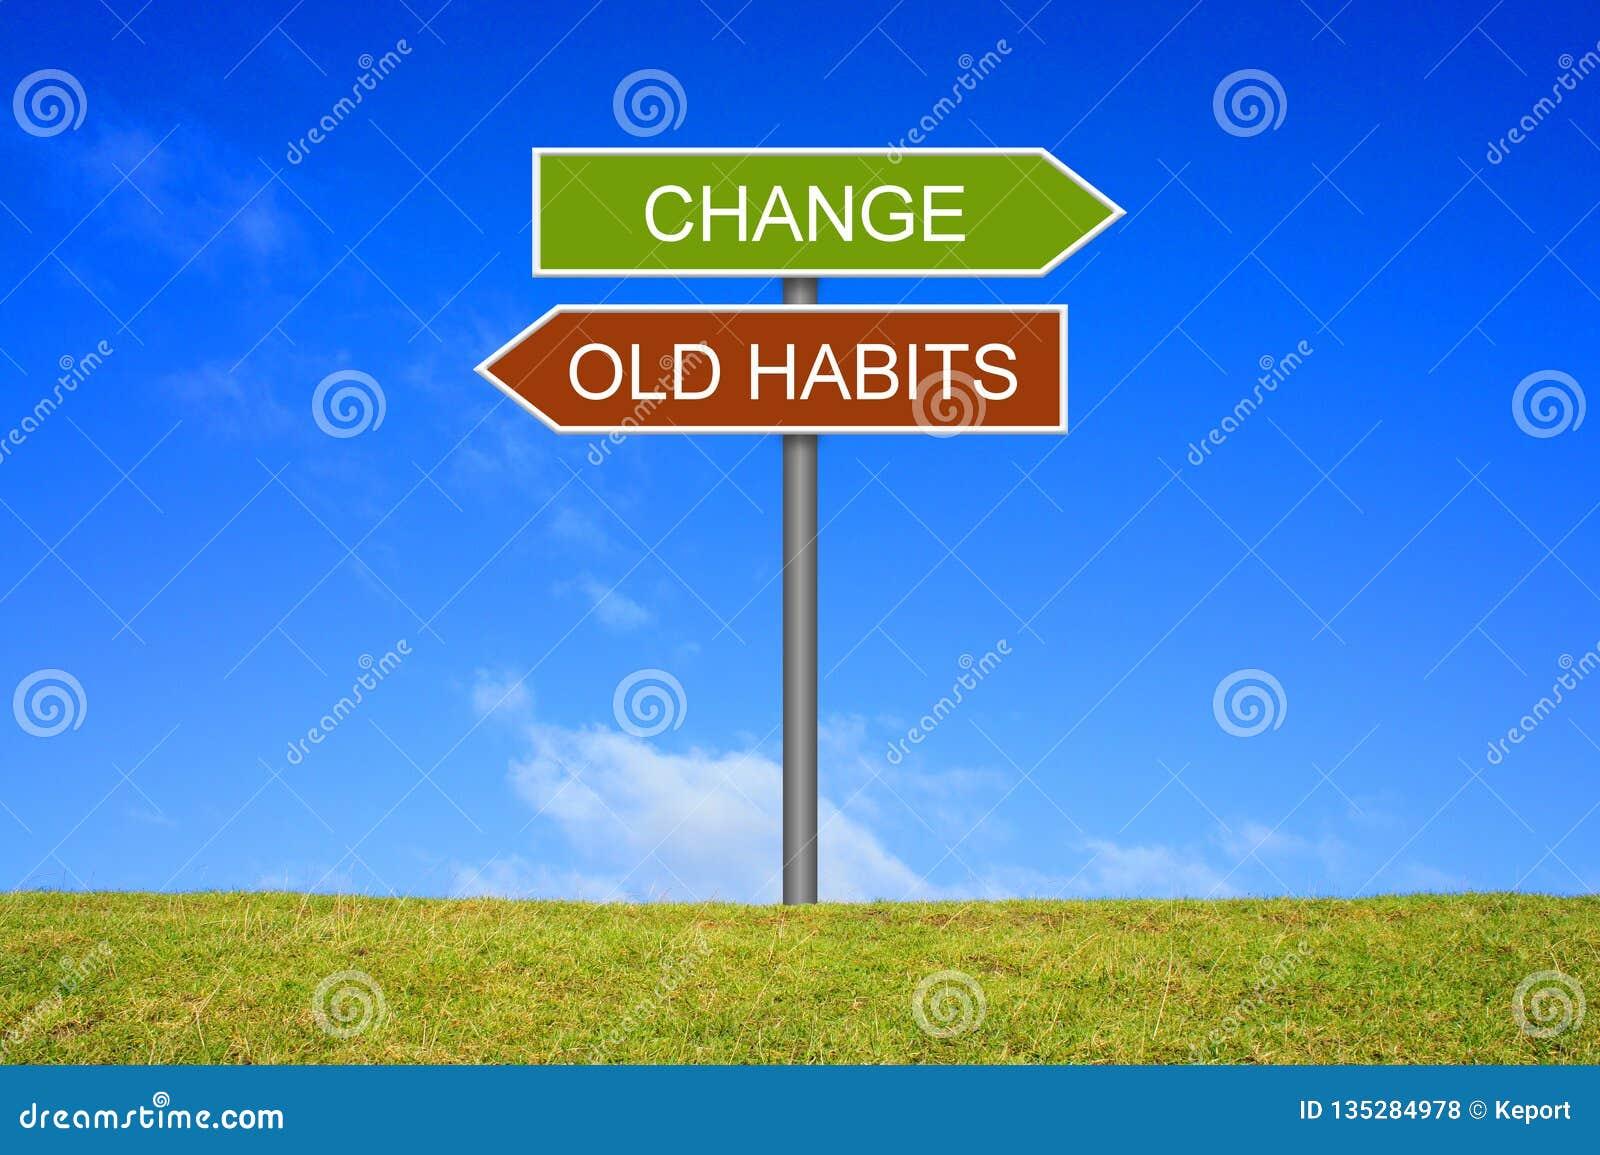 Wegweiser das Zeigen von alten Gewohnheiten und von Änderung